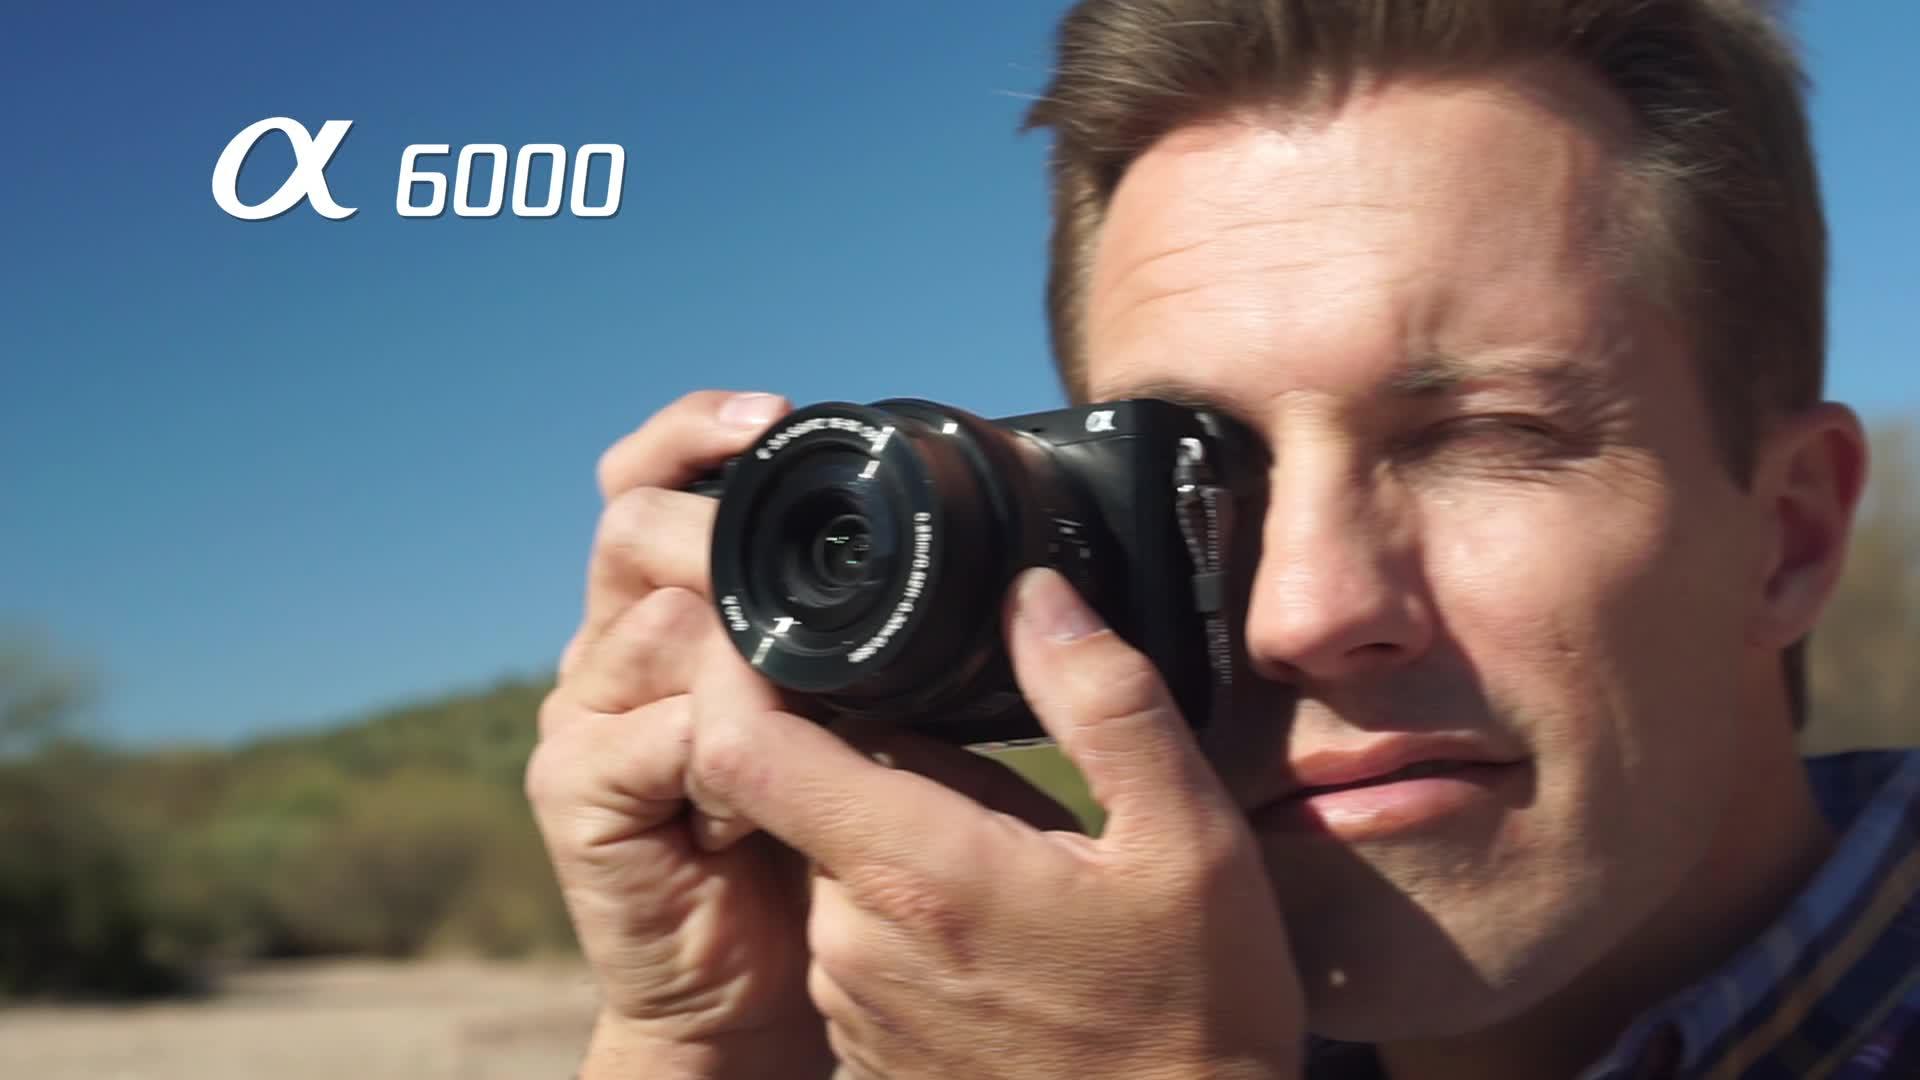 α6000 Mirrorless Interchangeable-lens Camera with 16-50mm and 55-210mm Lens